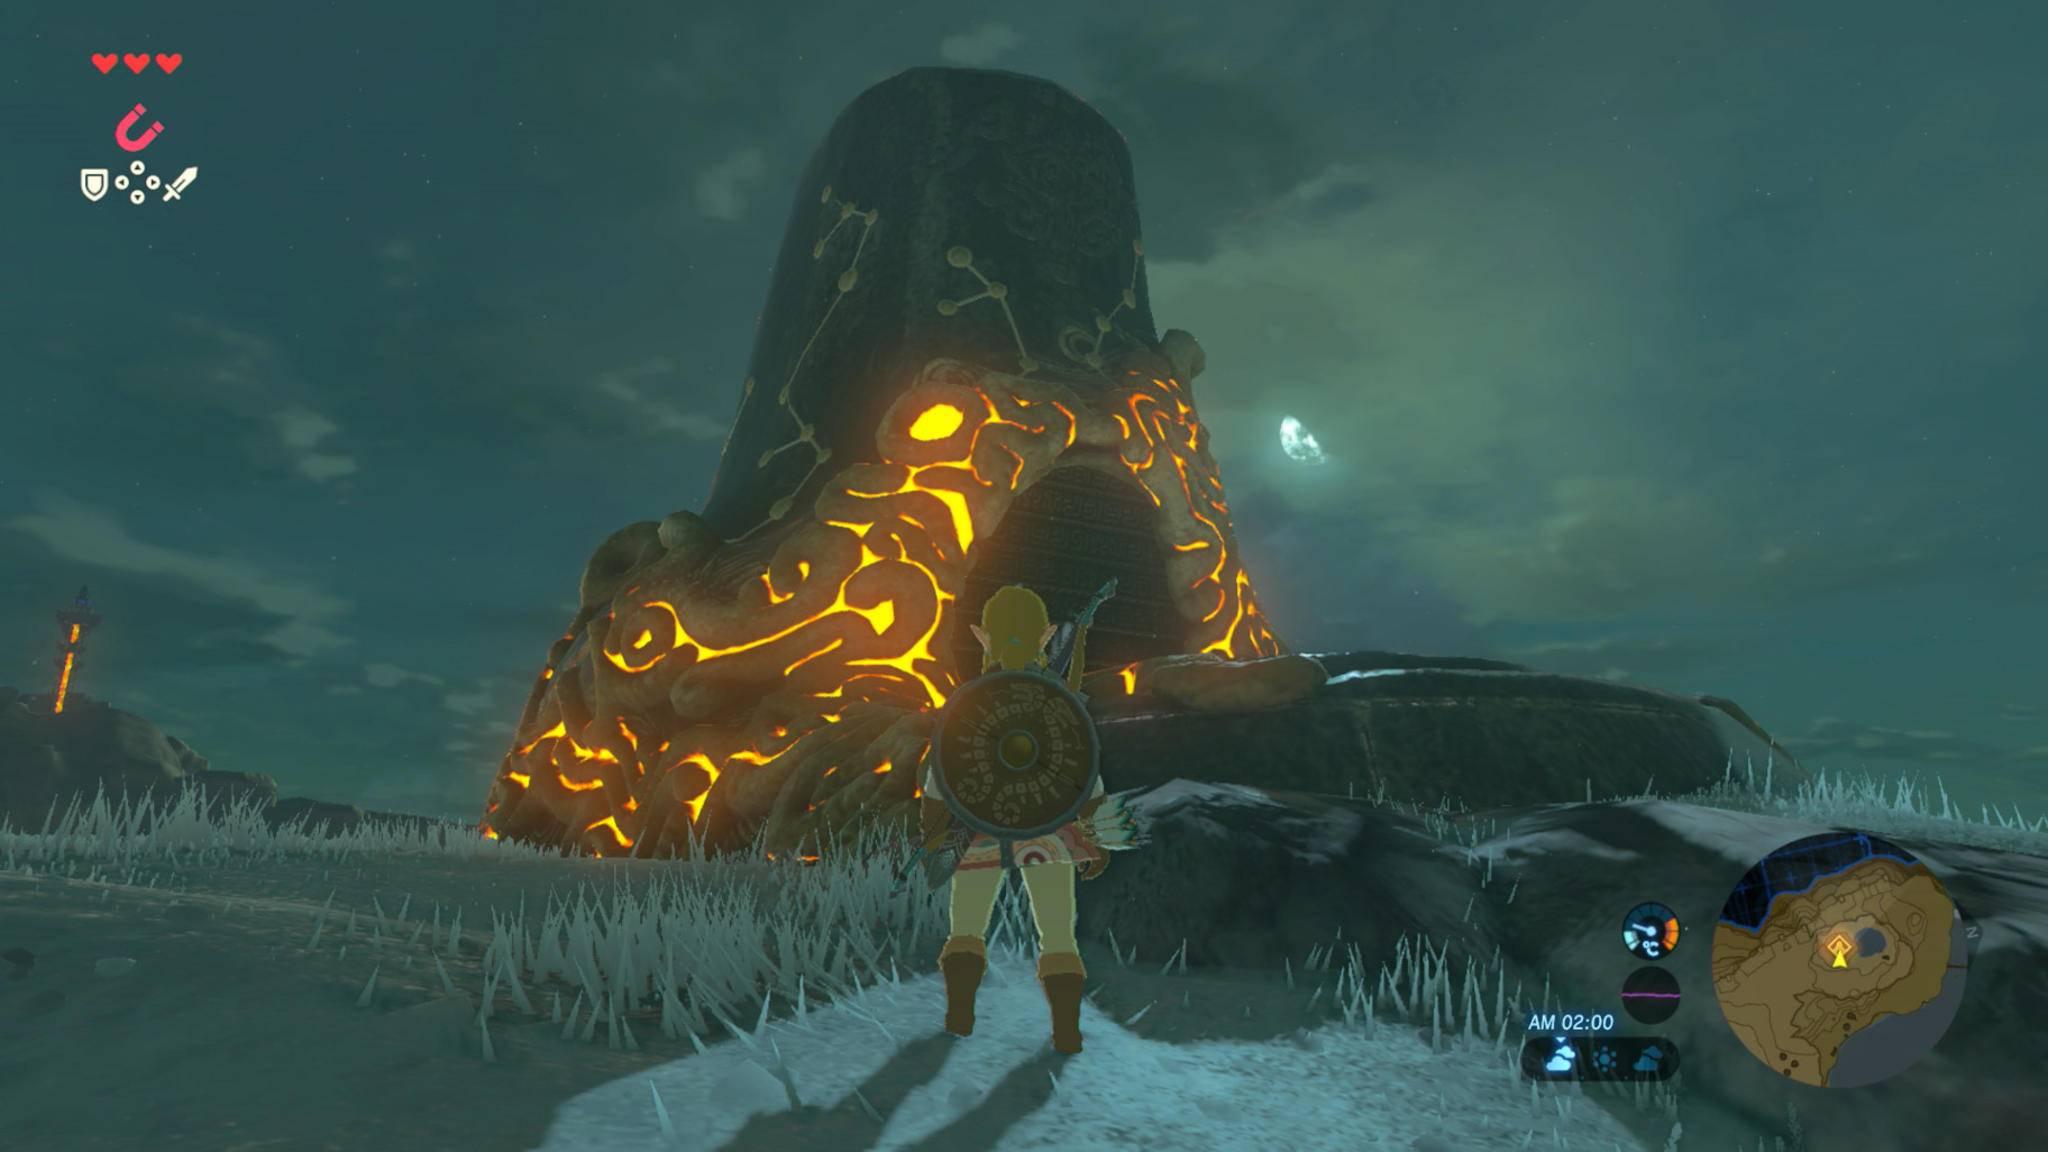 """Die kleineren Rätsel-Schreine ersetzen die alten Dungeons in """"The Legend of Zelda: Breath of the Wild"""" fast komplett."""